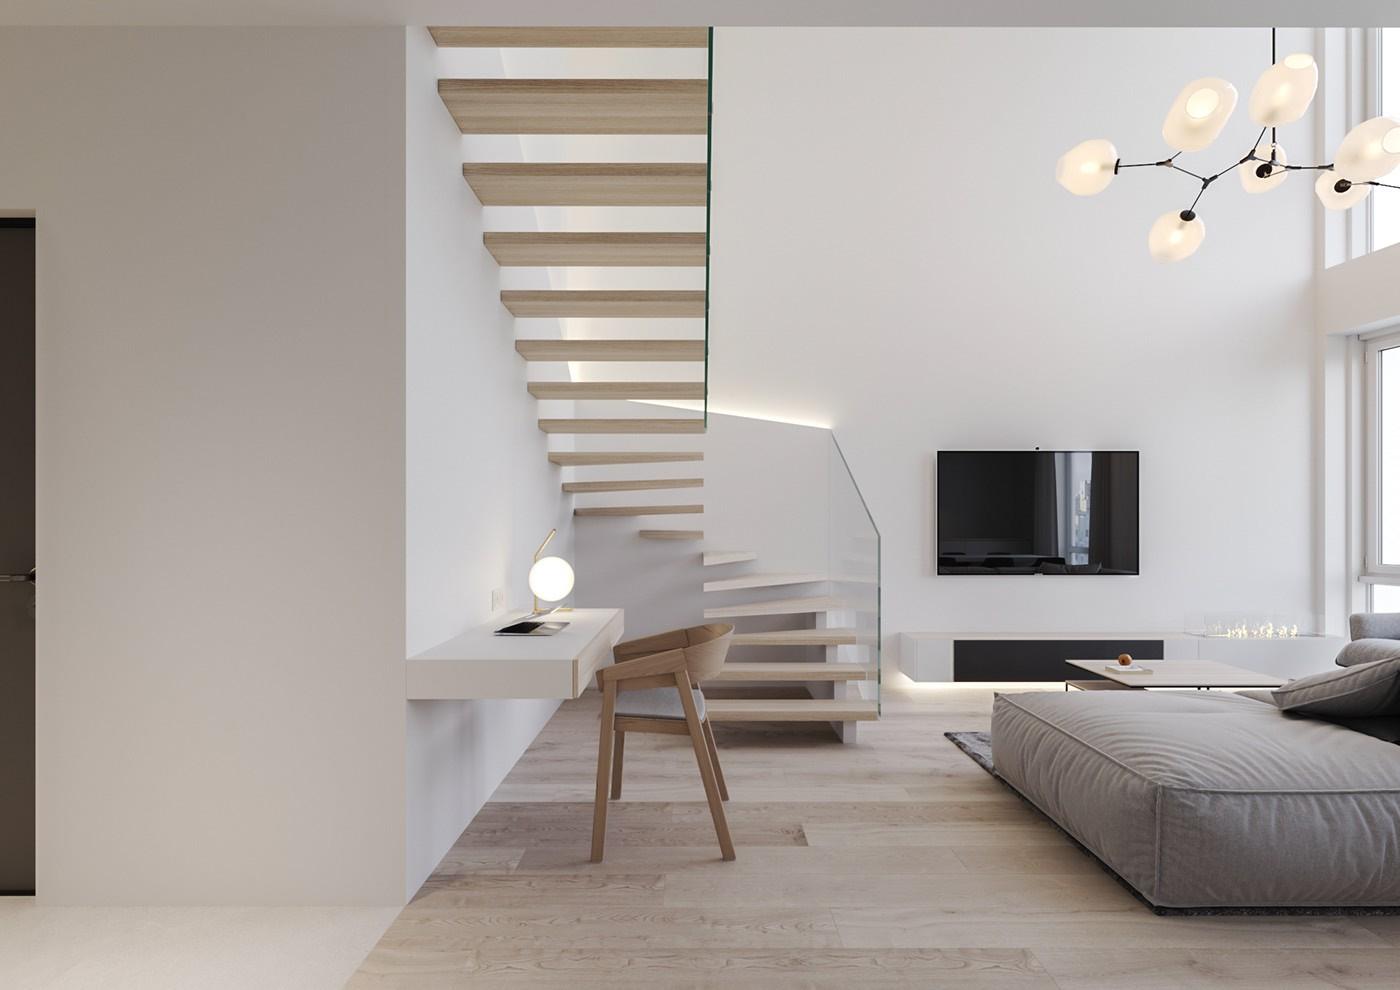 Hình ảnh mọt góc phòng khách với ghế sofa, kệ tivi, cầu thang lên gác lửng, bàn học dưới gầm cầu thang